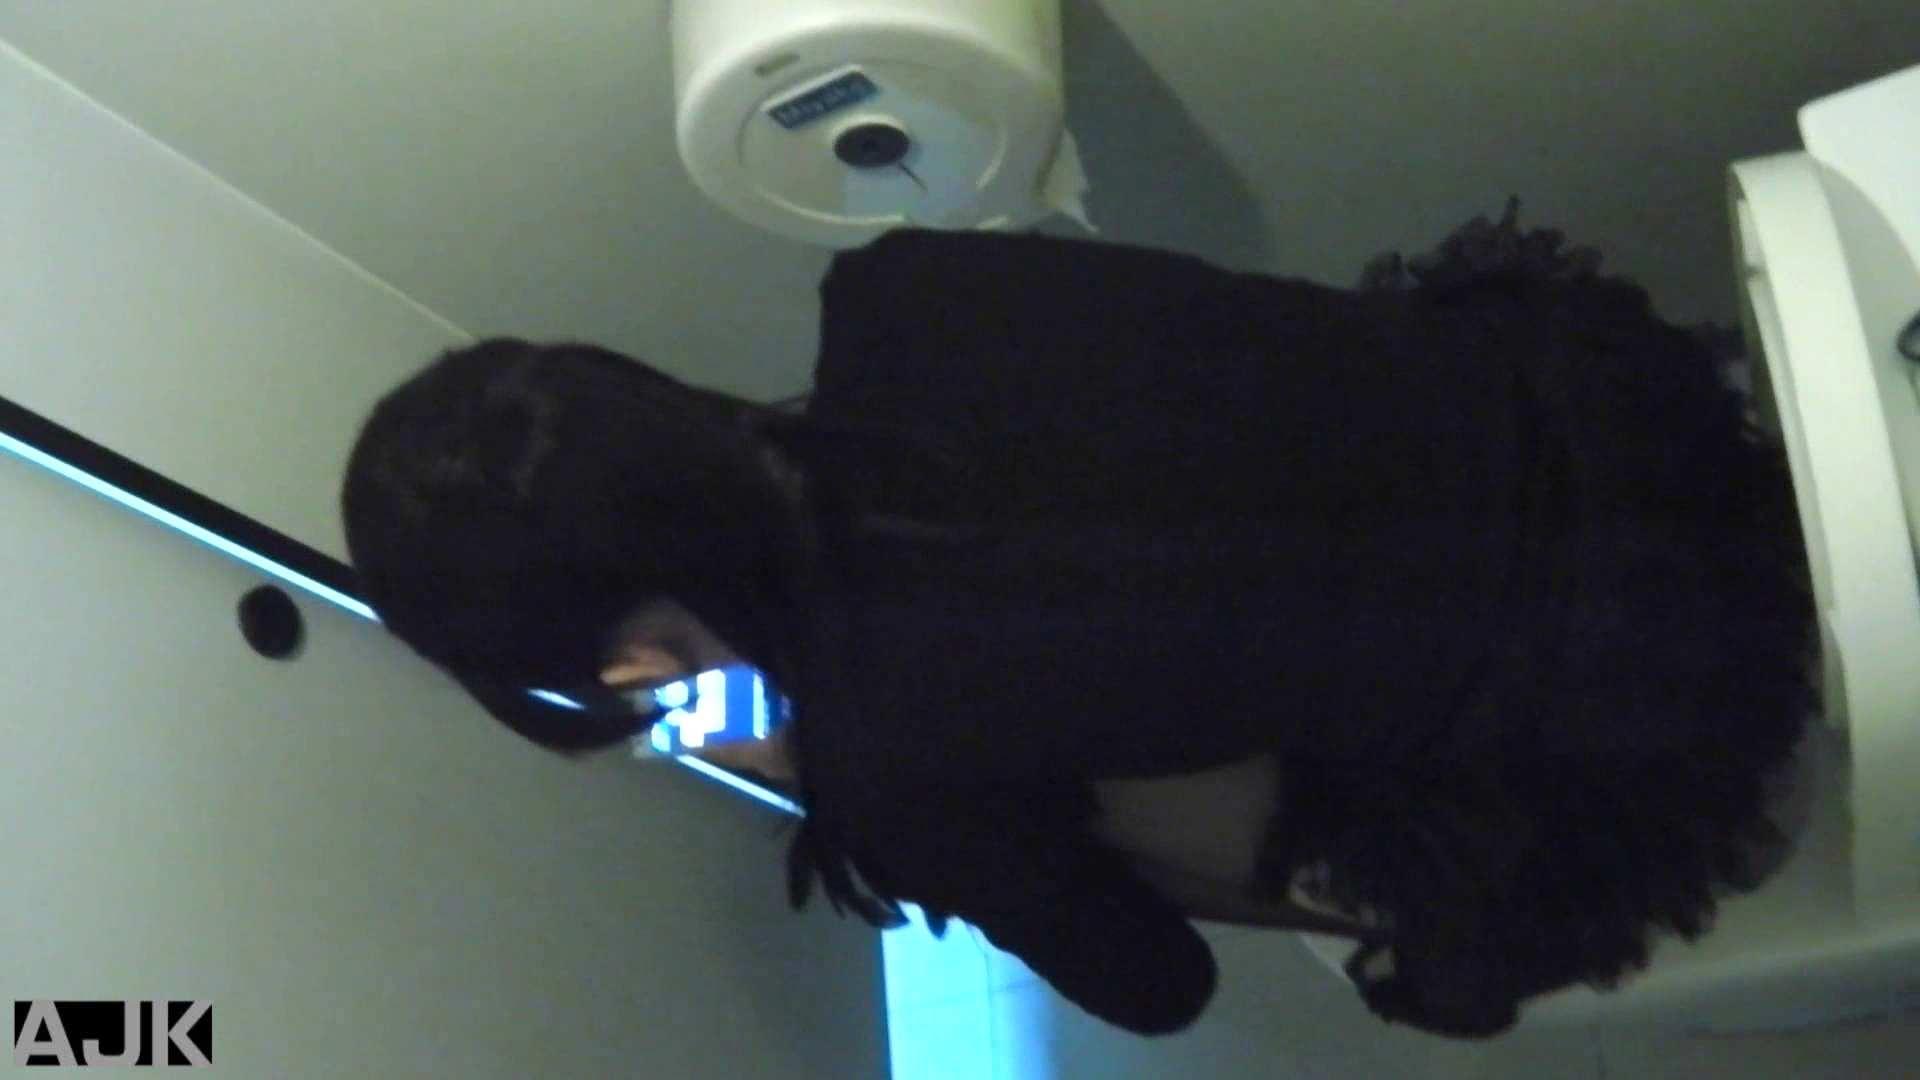 隣国上階級エリアの令嬢たちが集うデパートお手洗い Vol.23 OLの実態  92pic 80